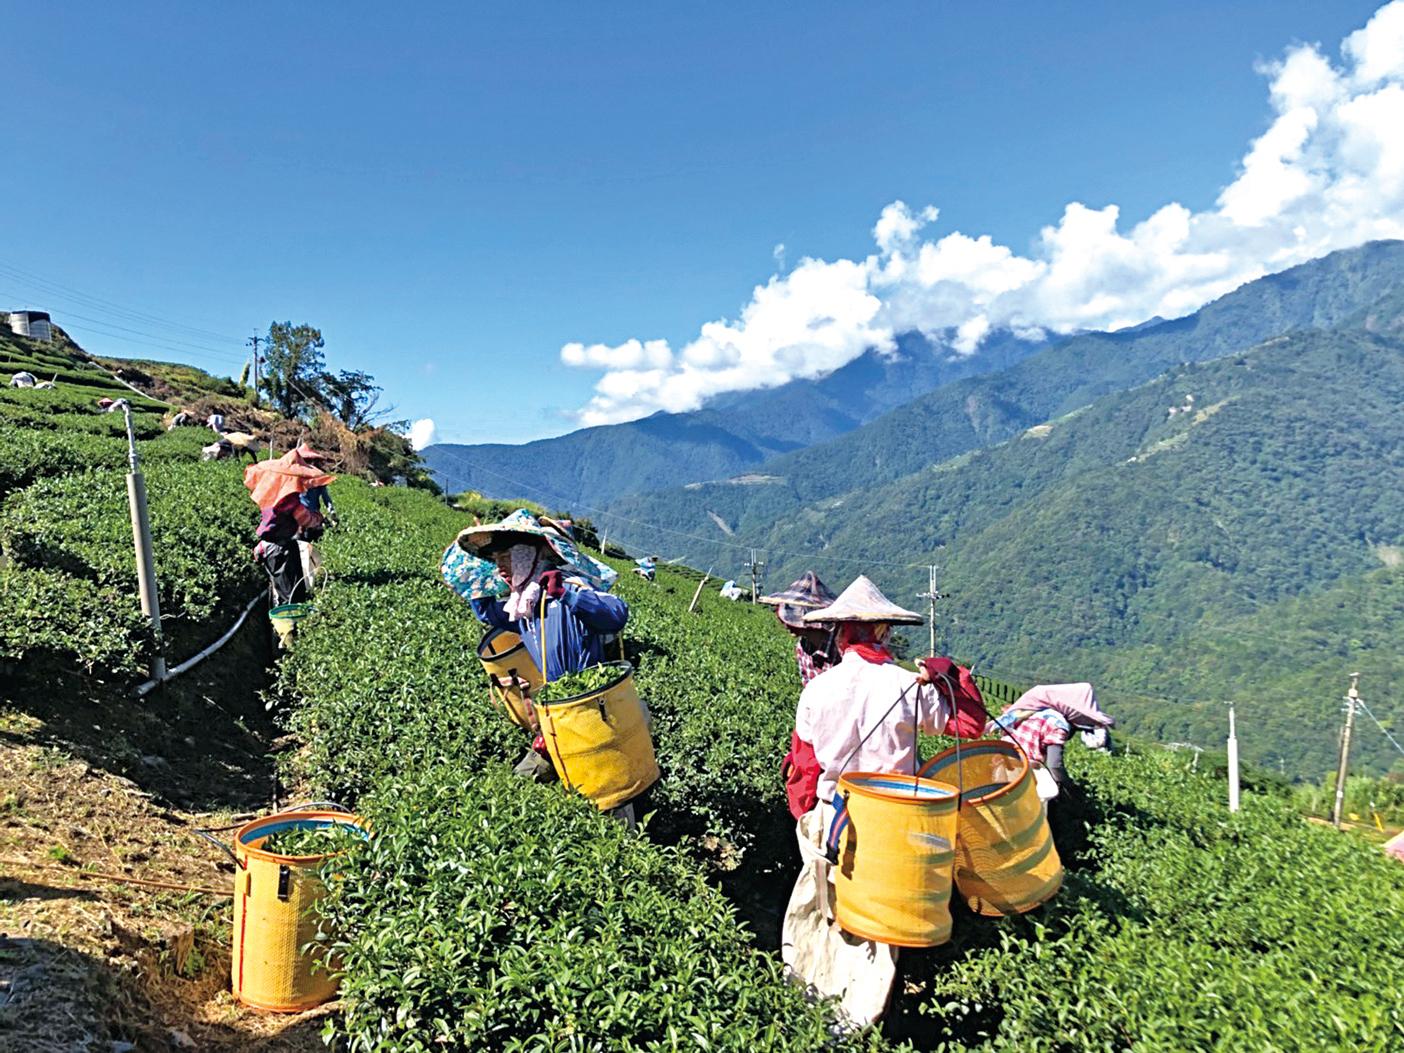 採茶農人辛勞身影在翠綠的茶樹間移動。